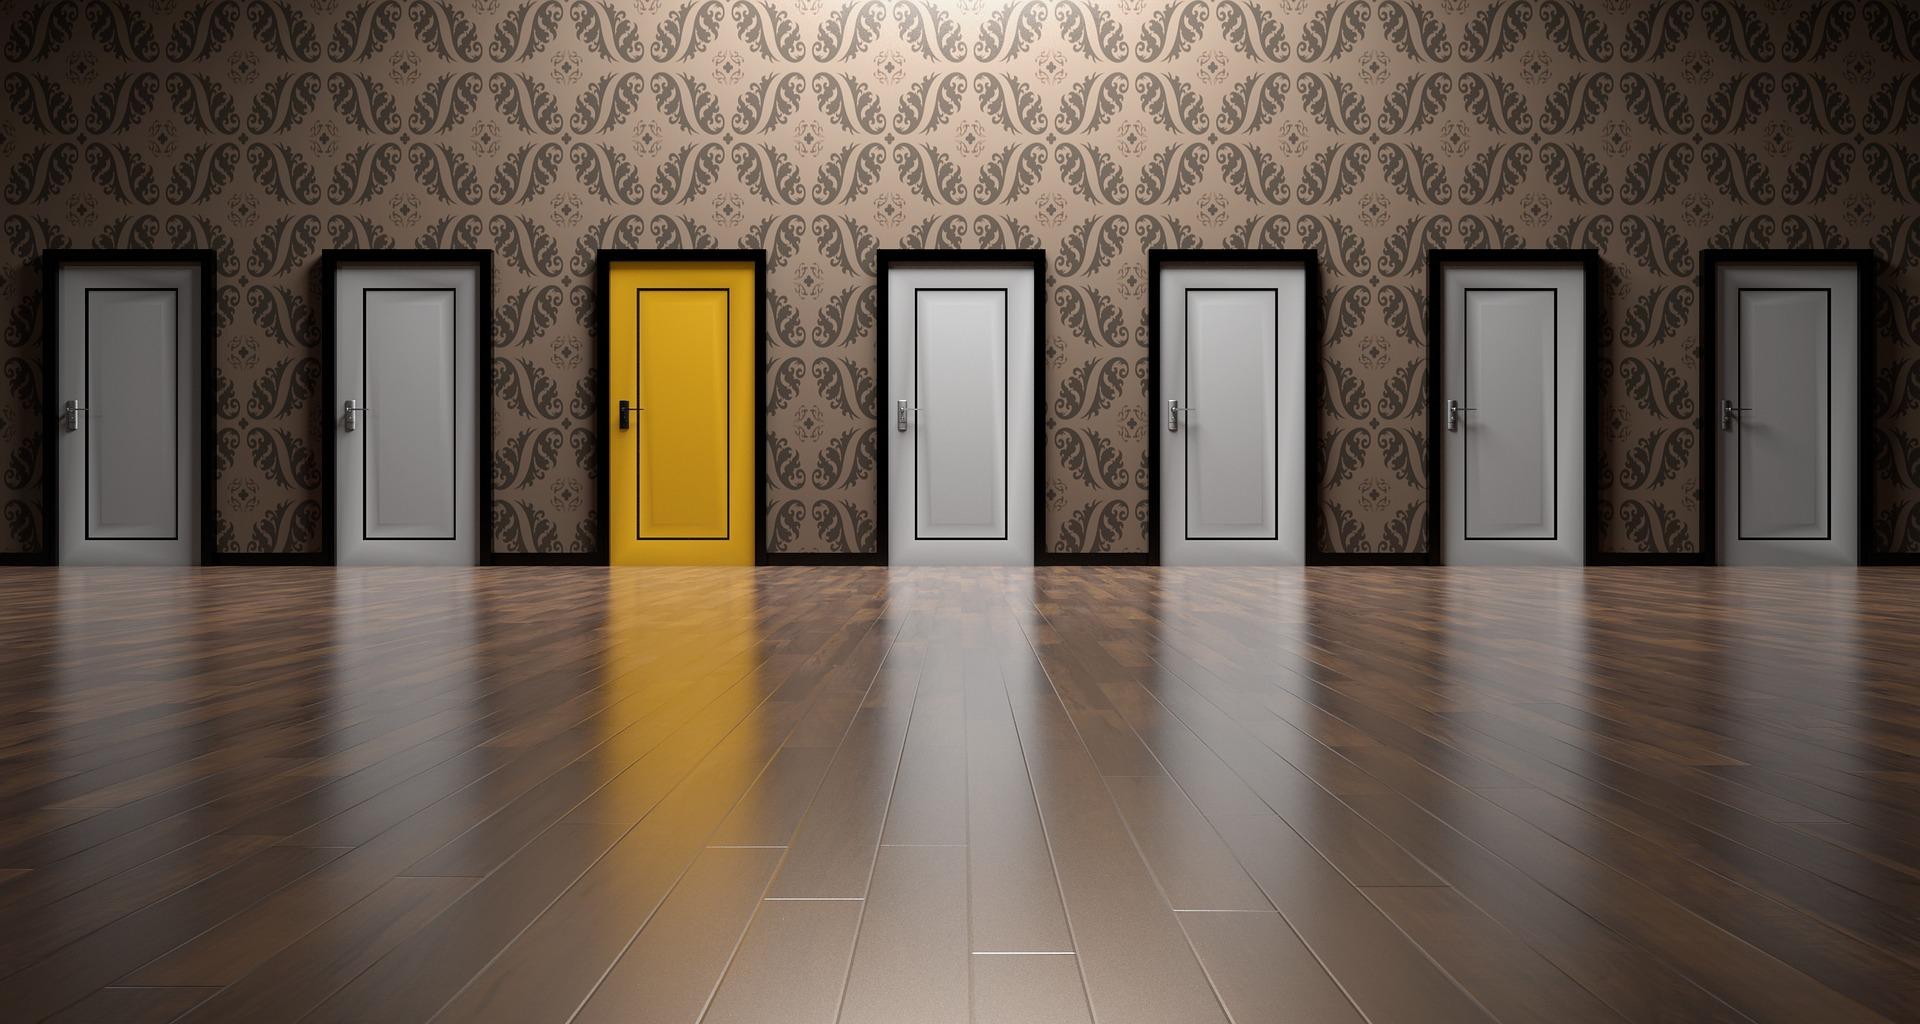 yellowdoor 1767563 1920